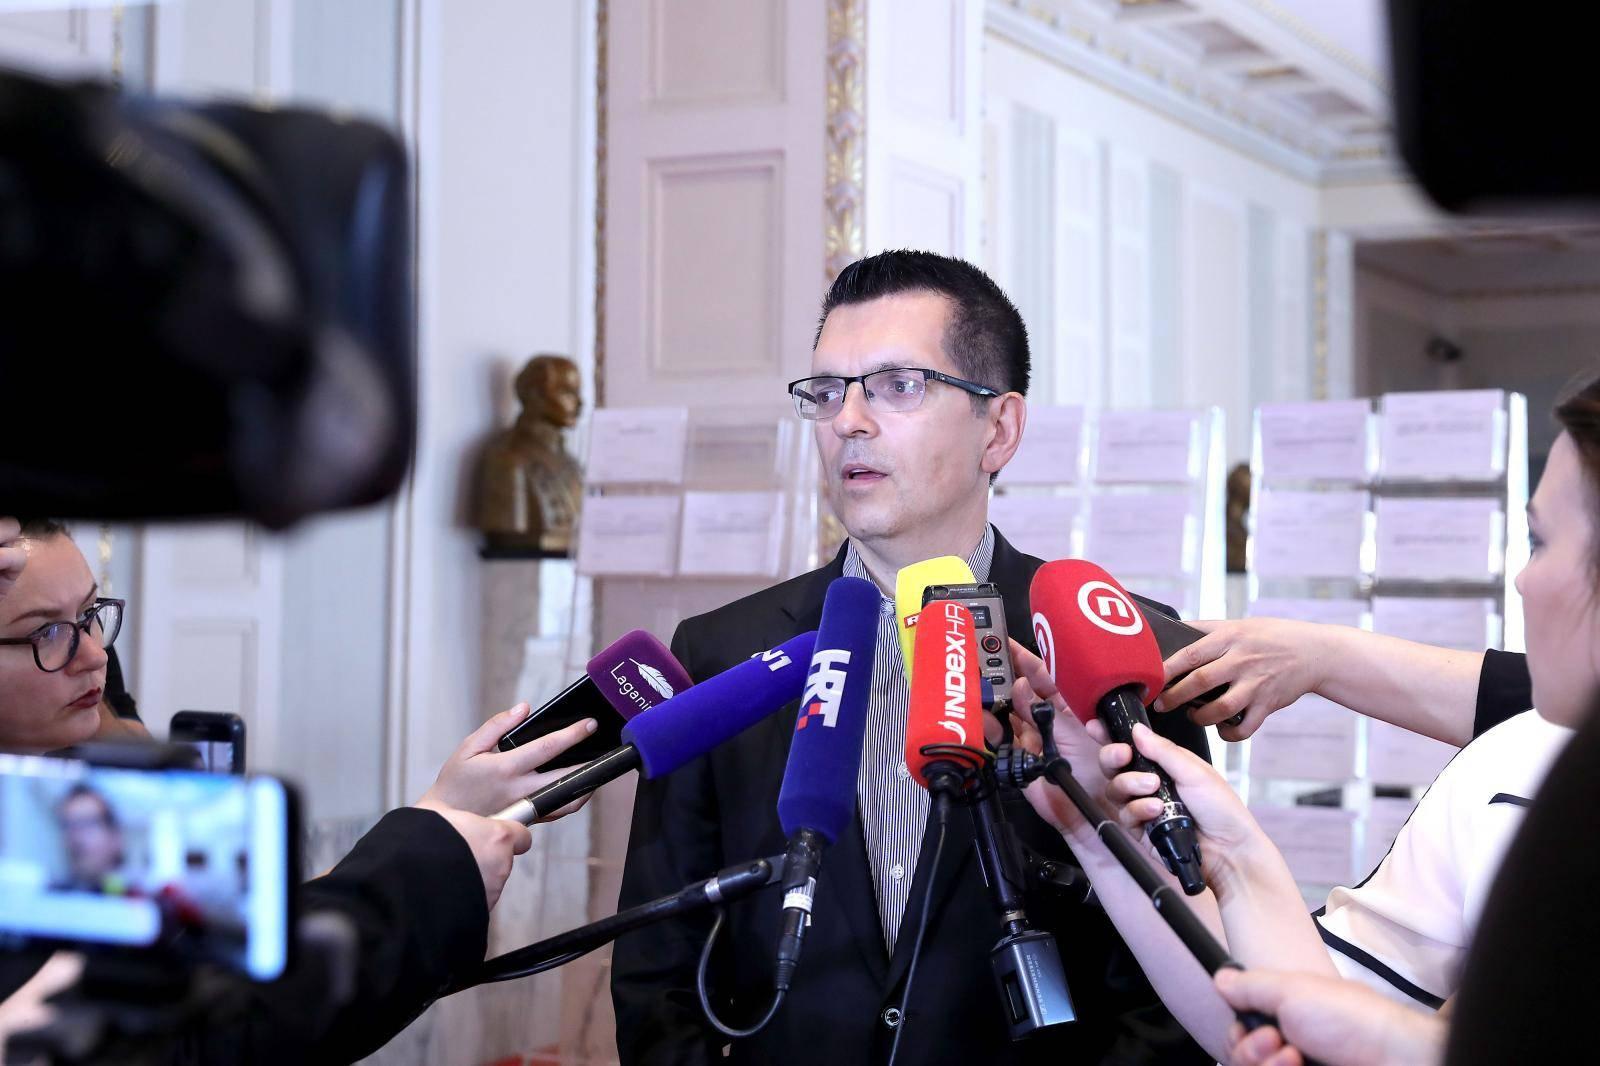 'S Palfi nema dogovora, ona je kao hrvatska Elena Ceausescu'